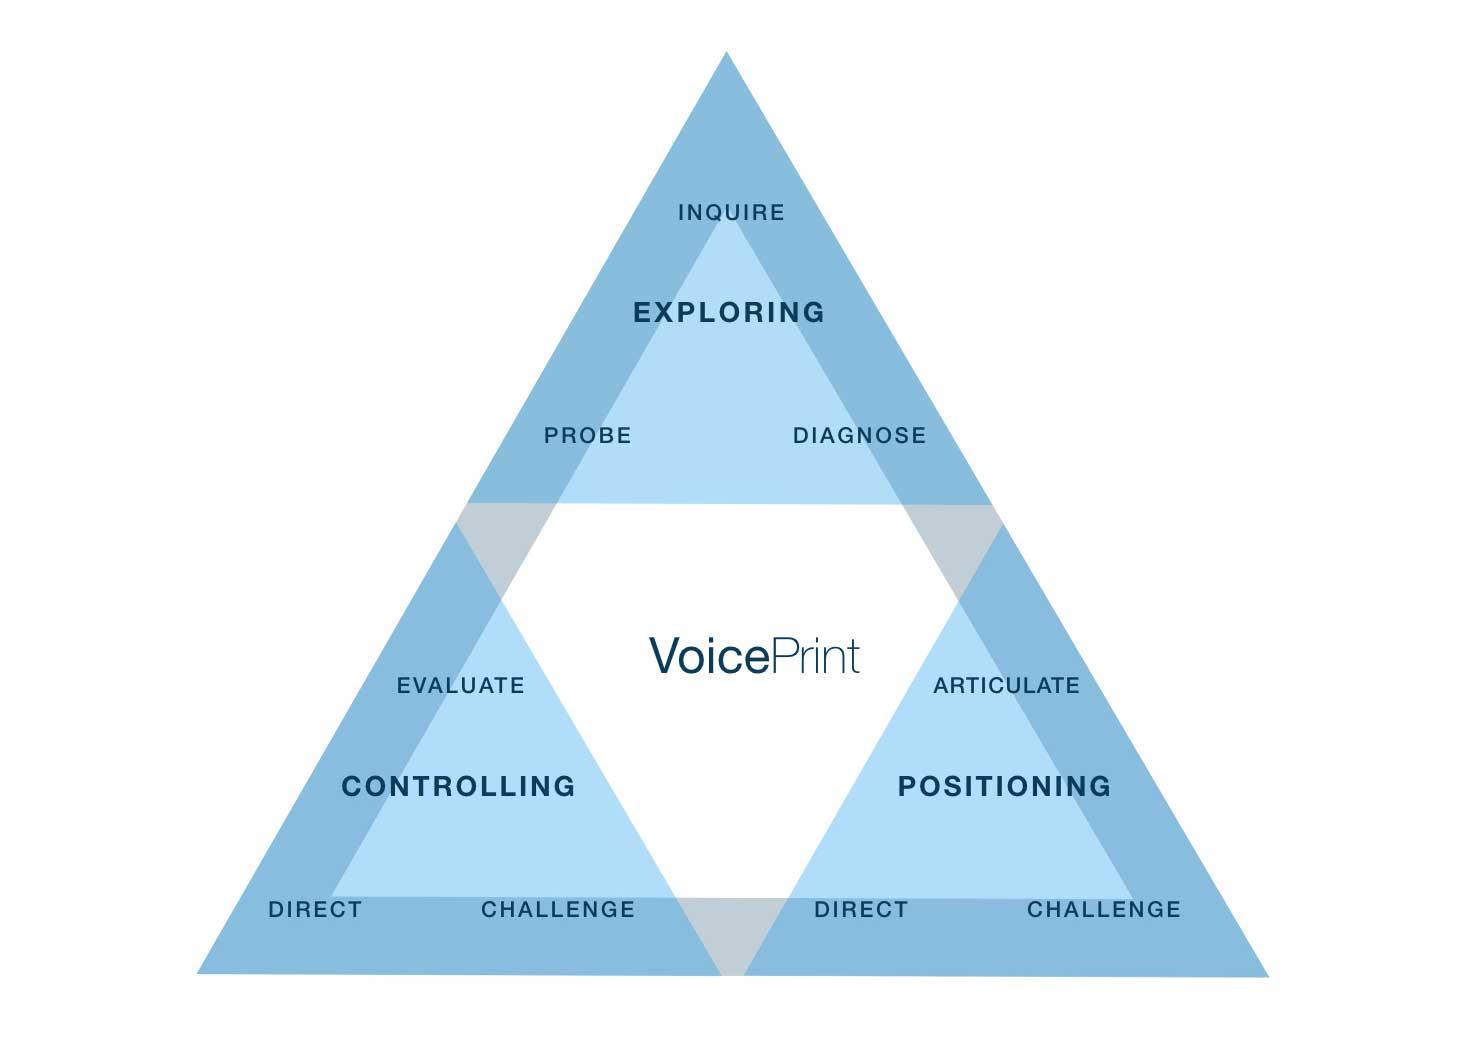 VoicePrint clusters